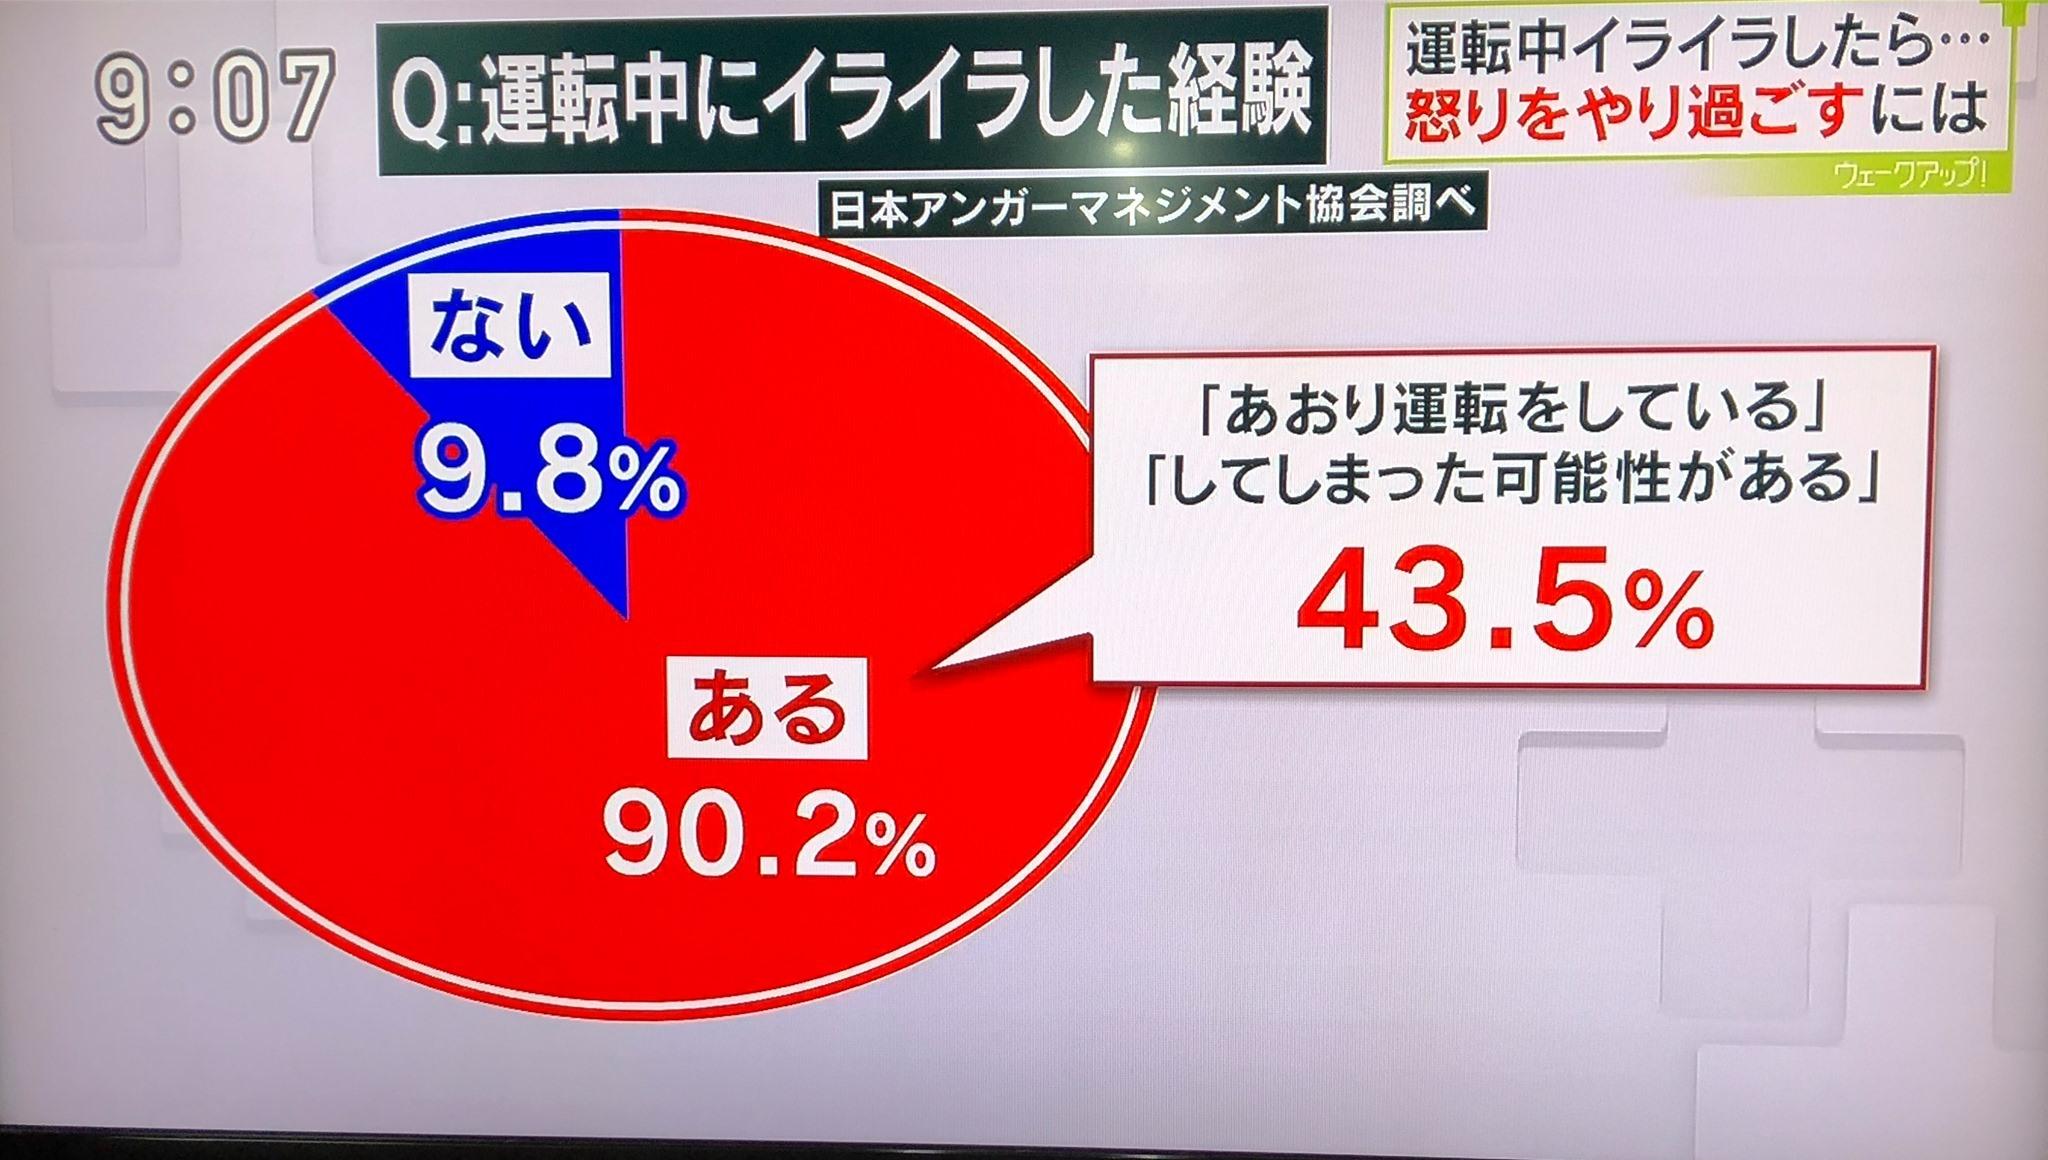 『ウェークアップぷらす』(日本テレビ)